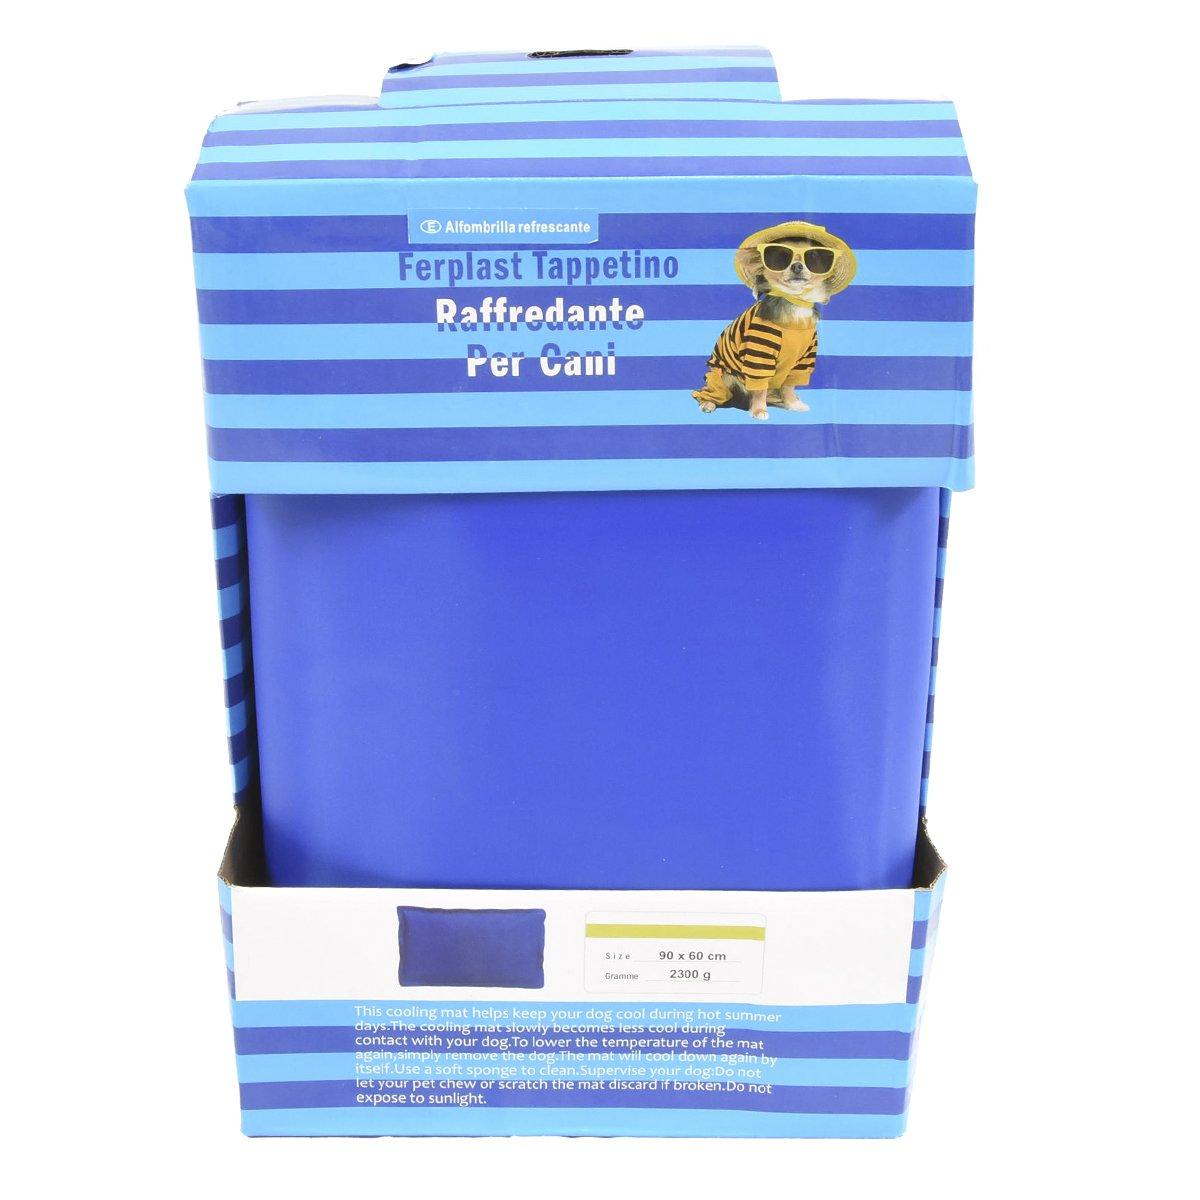 Cisne 2013, SL ¡5 Tamaños! Cama de Perro y Gato Fria para Verano, refrescante 55 x 90 cm Esterilla refrigerante.